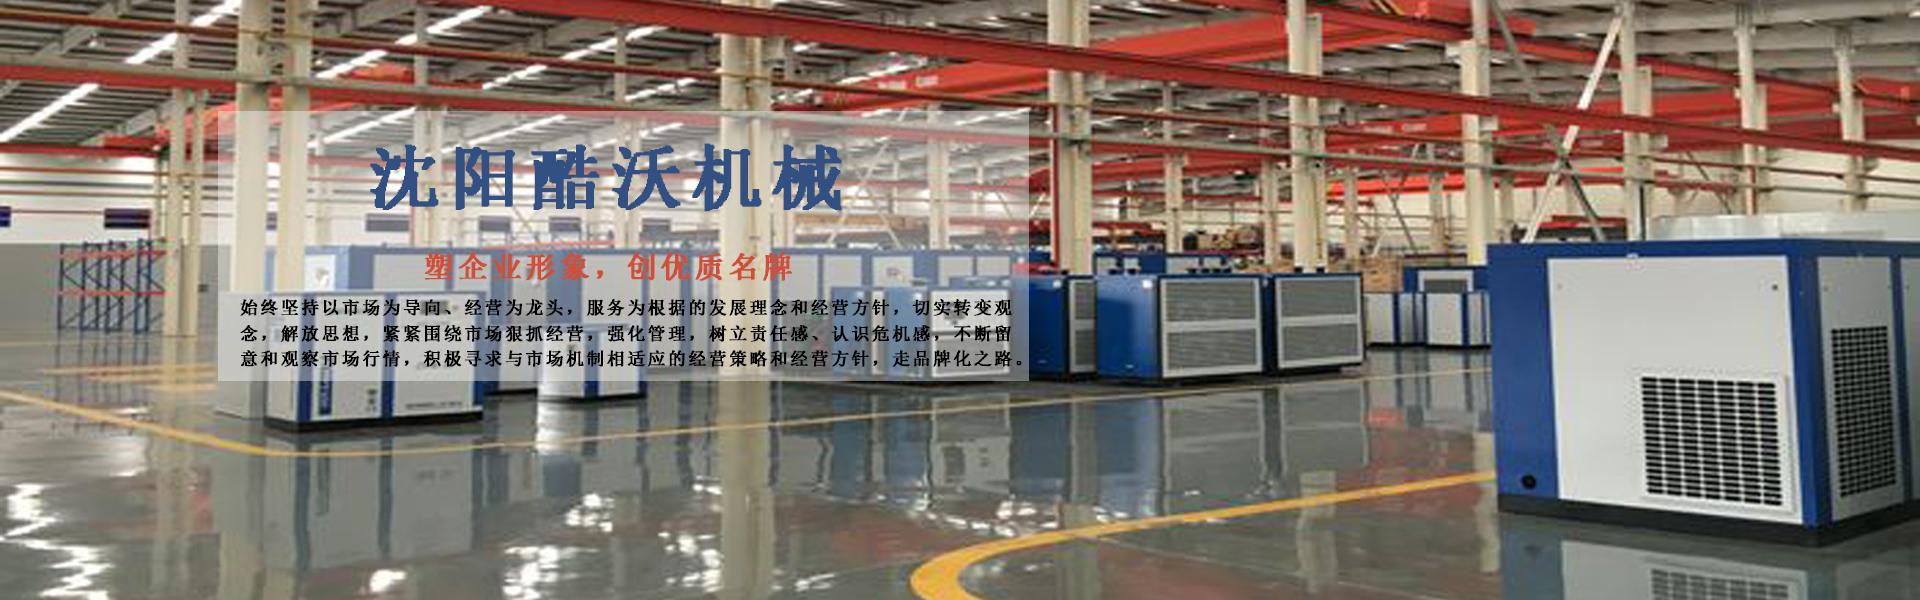 沈陽螺桿空壓機 沈陽空壓機廠家 沈陽空壓機價格